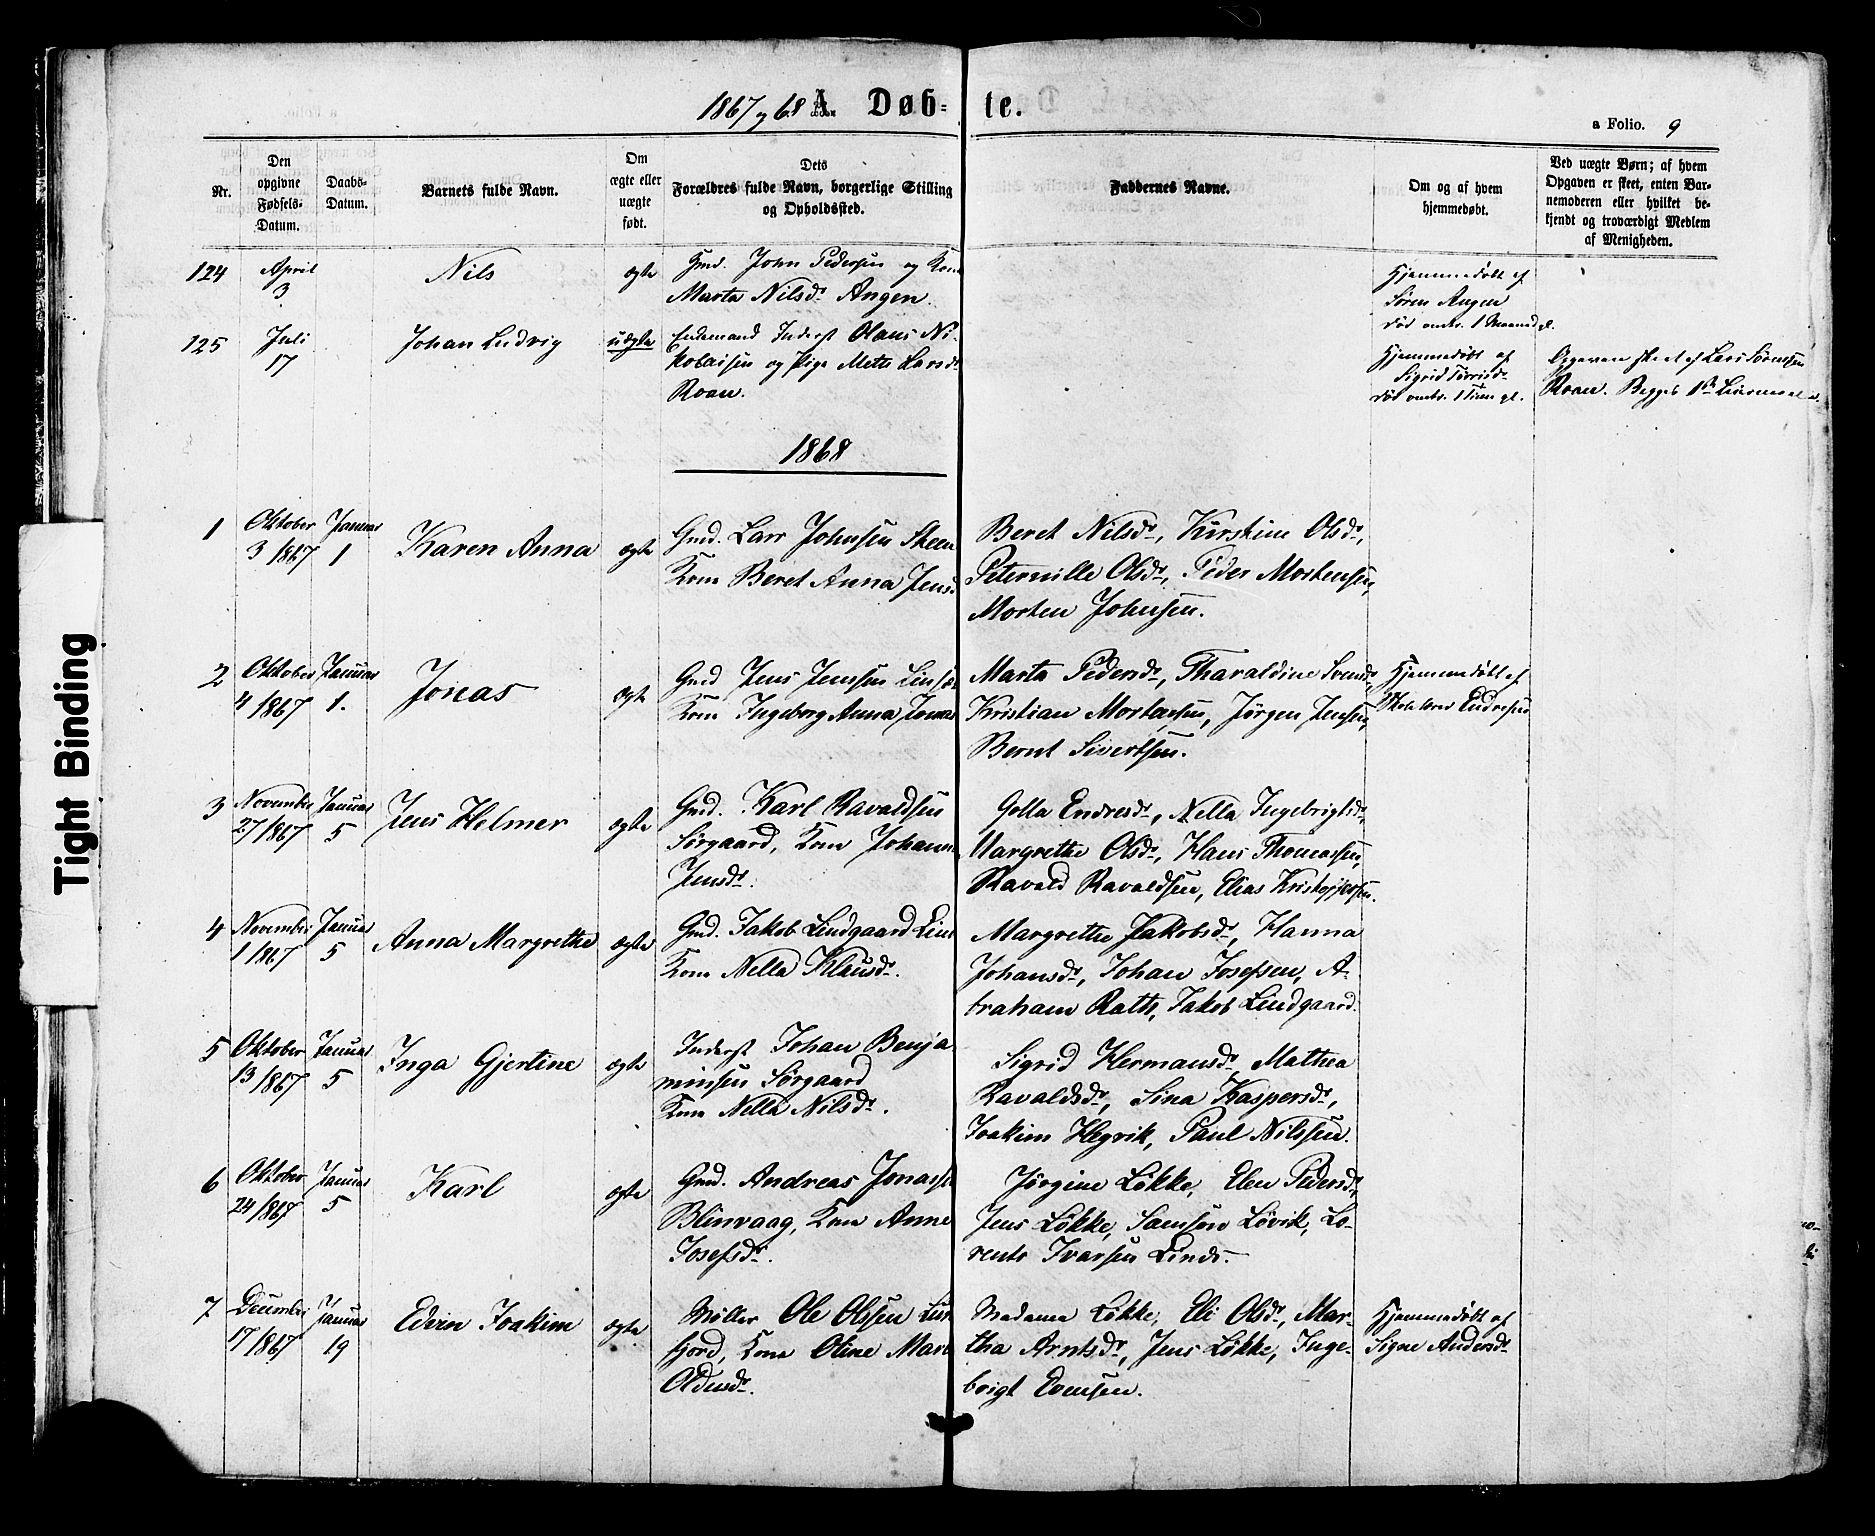 SAT, Ministerialprotokoller, klokkerbøker og fødselsregistre - Sør-Trøndelag, 657/L0706: Ministerialbok nr. 657A07, 1867-1878, s. 9